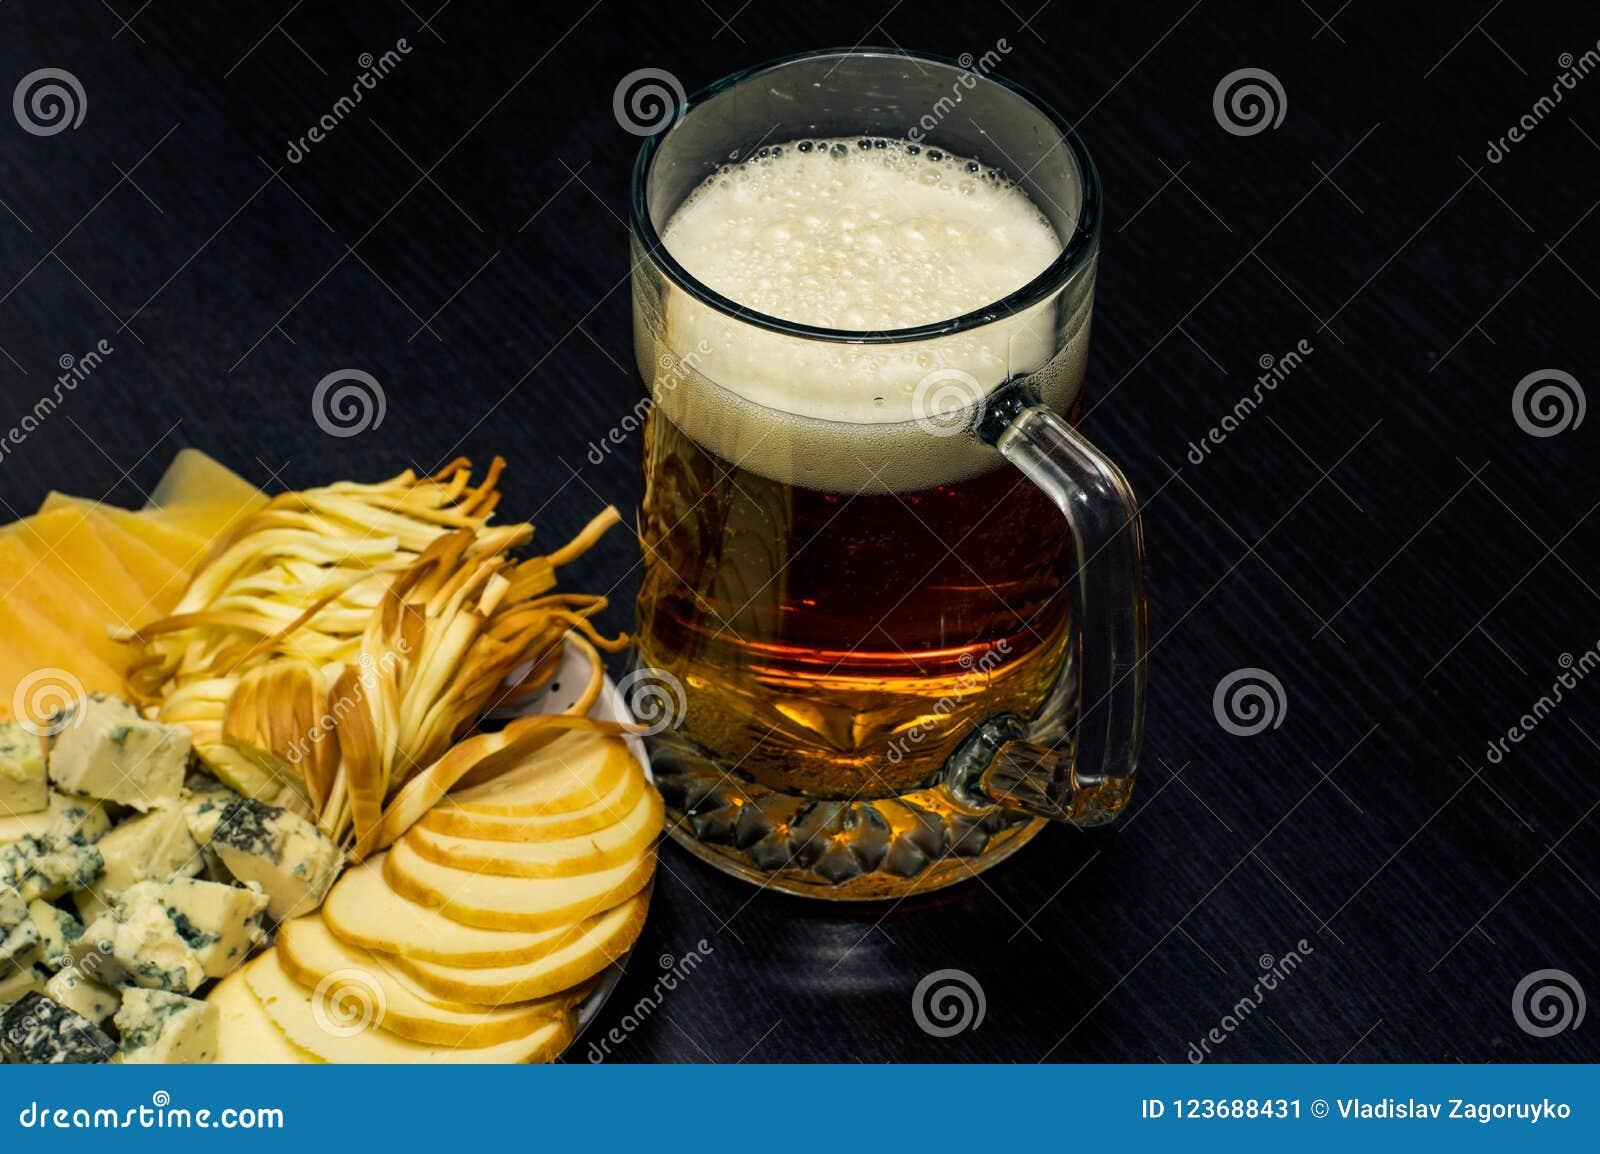 Une tasse de bière et un plat avec plusieurs genres de fromage